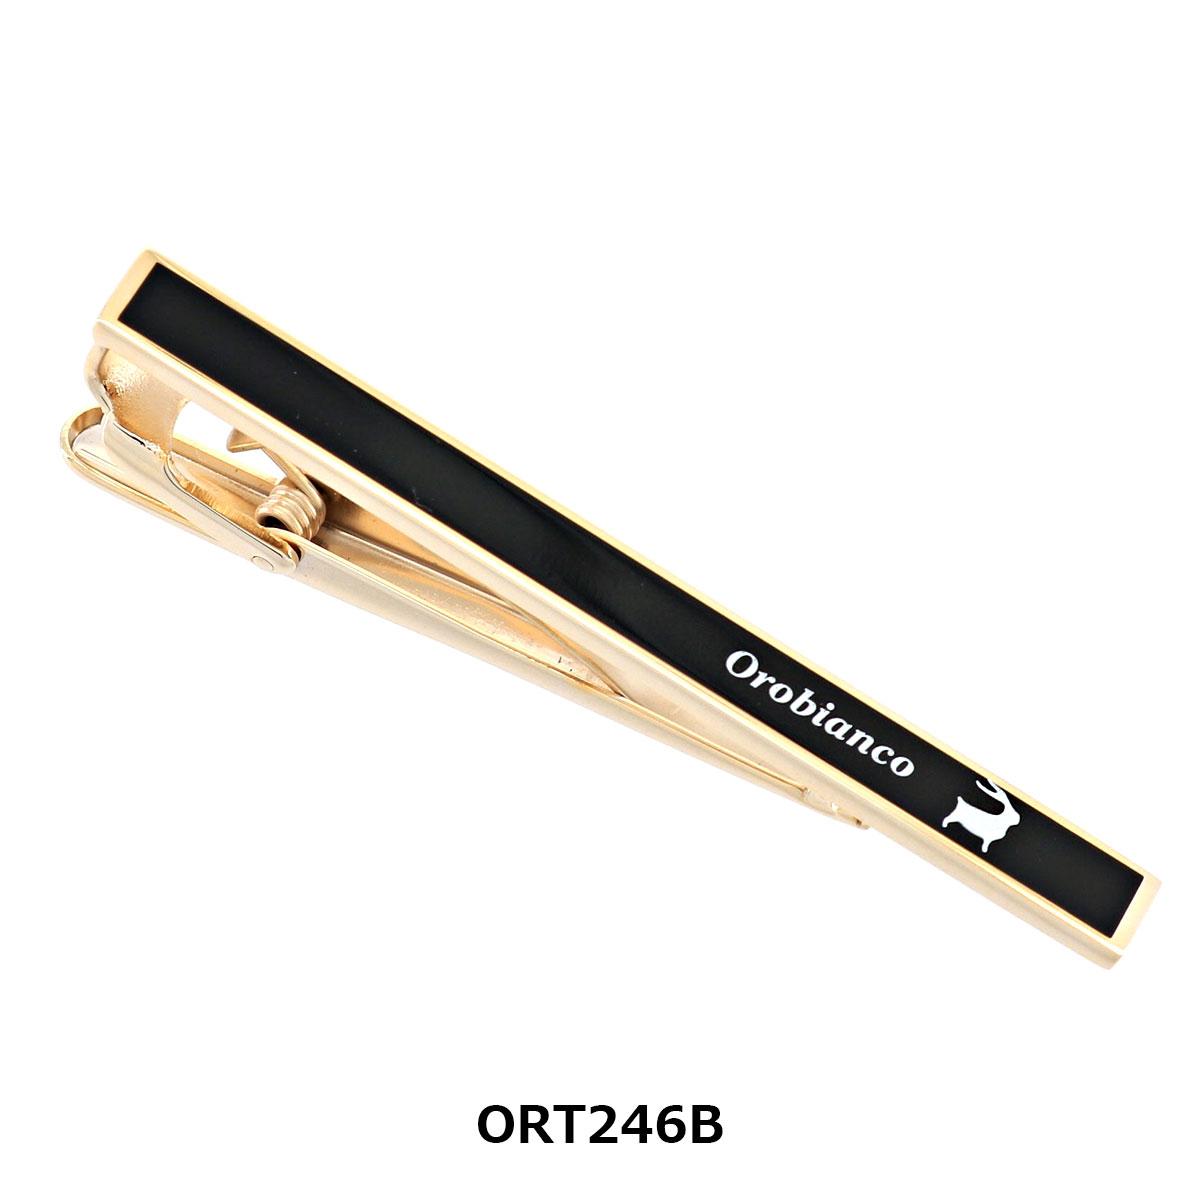 ORT246B